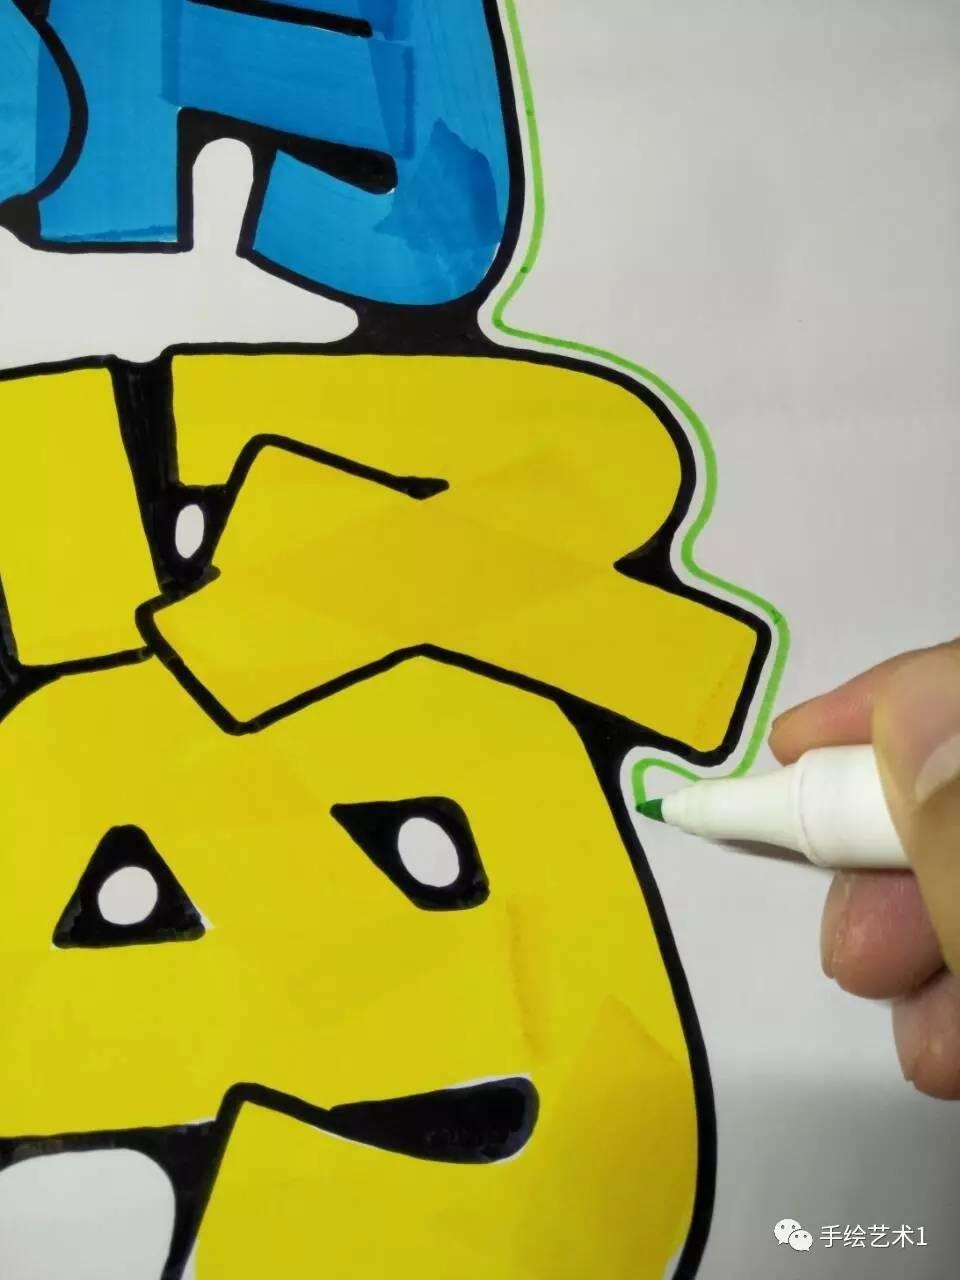 【手绘pop教程分解】教您如何绘制滋阴补肾pop海报